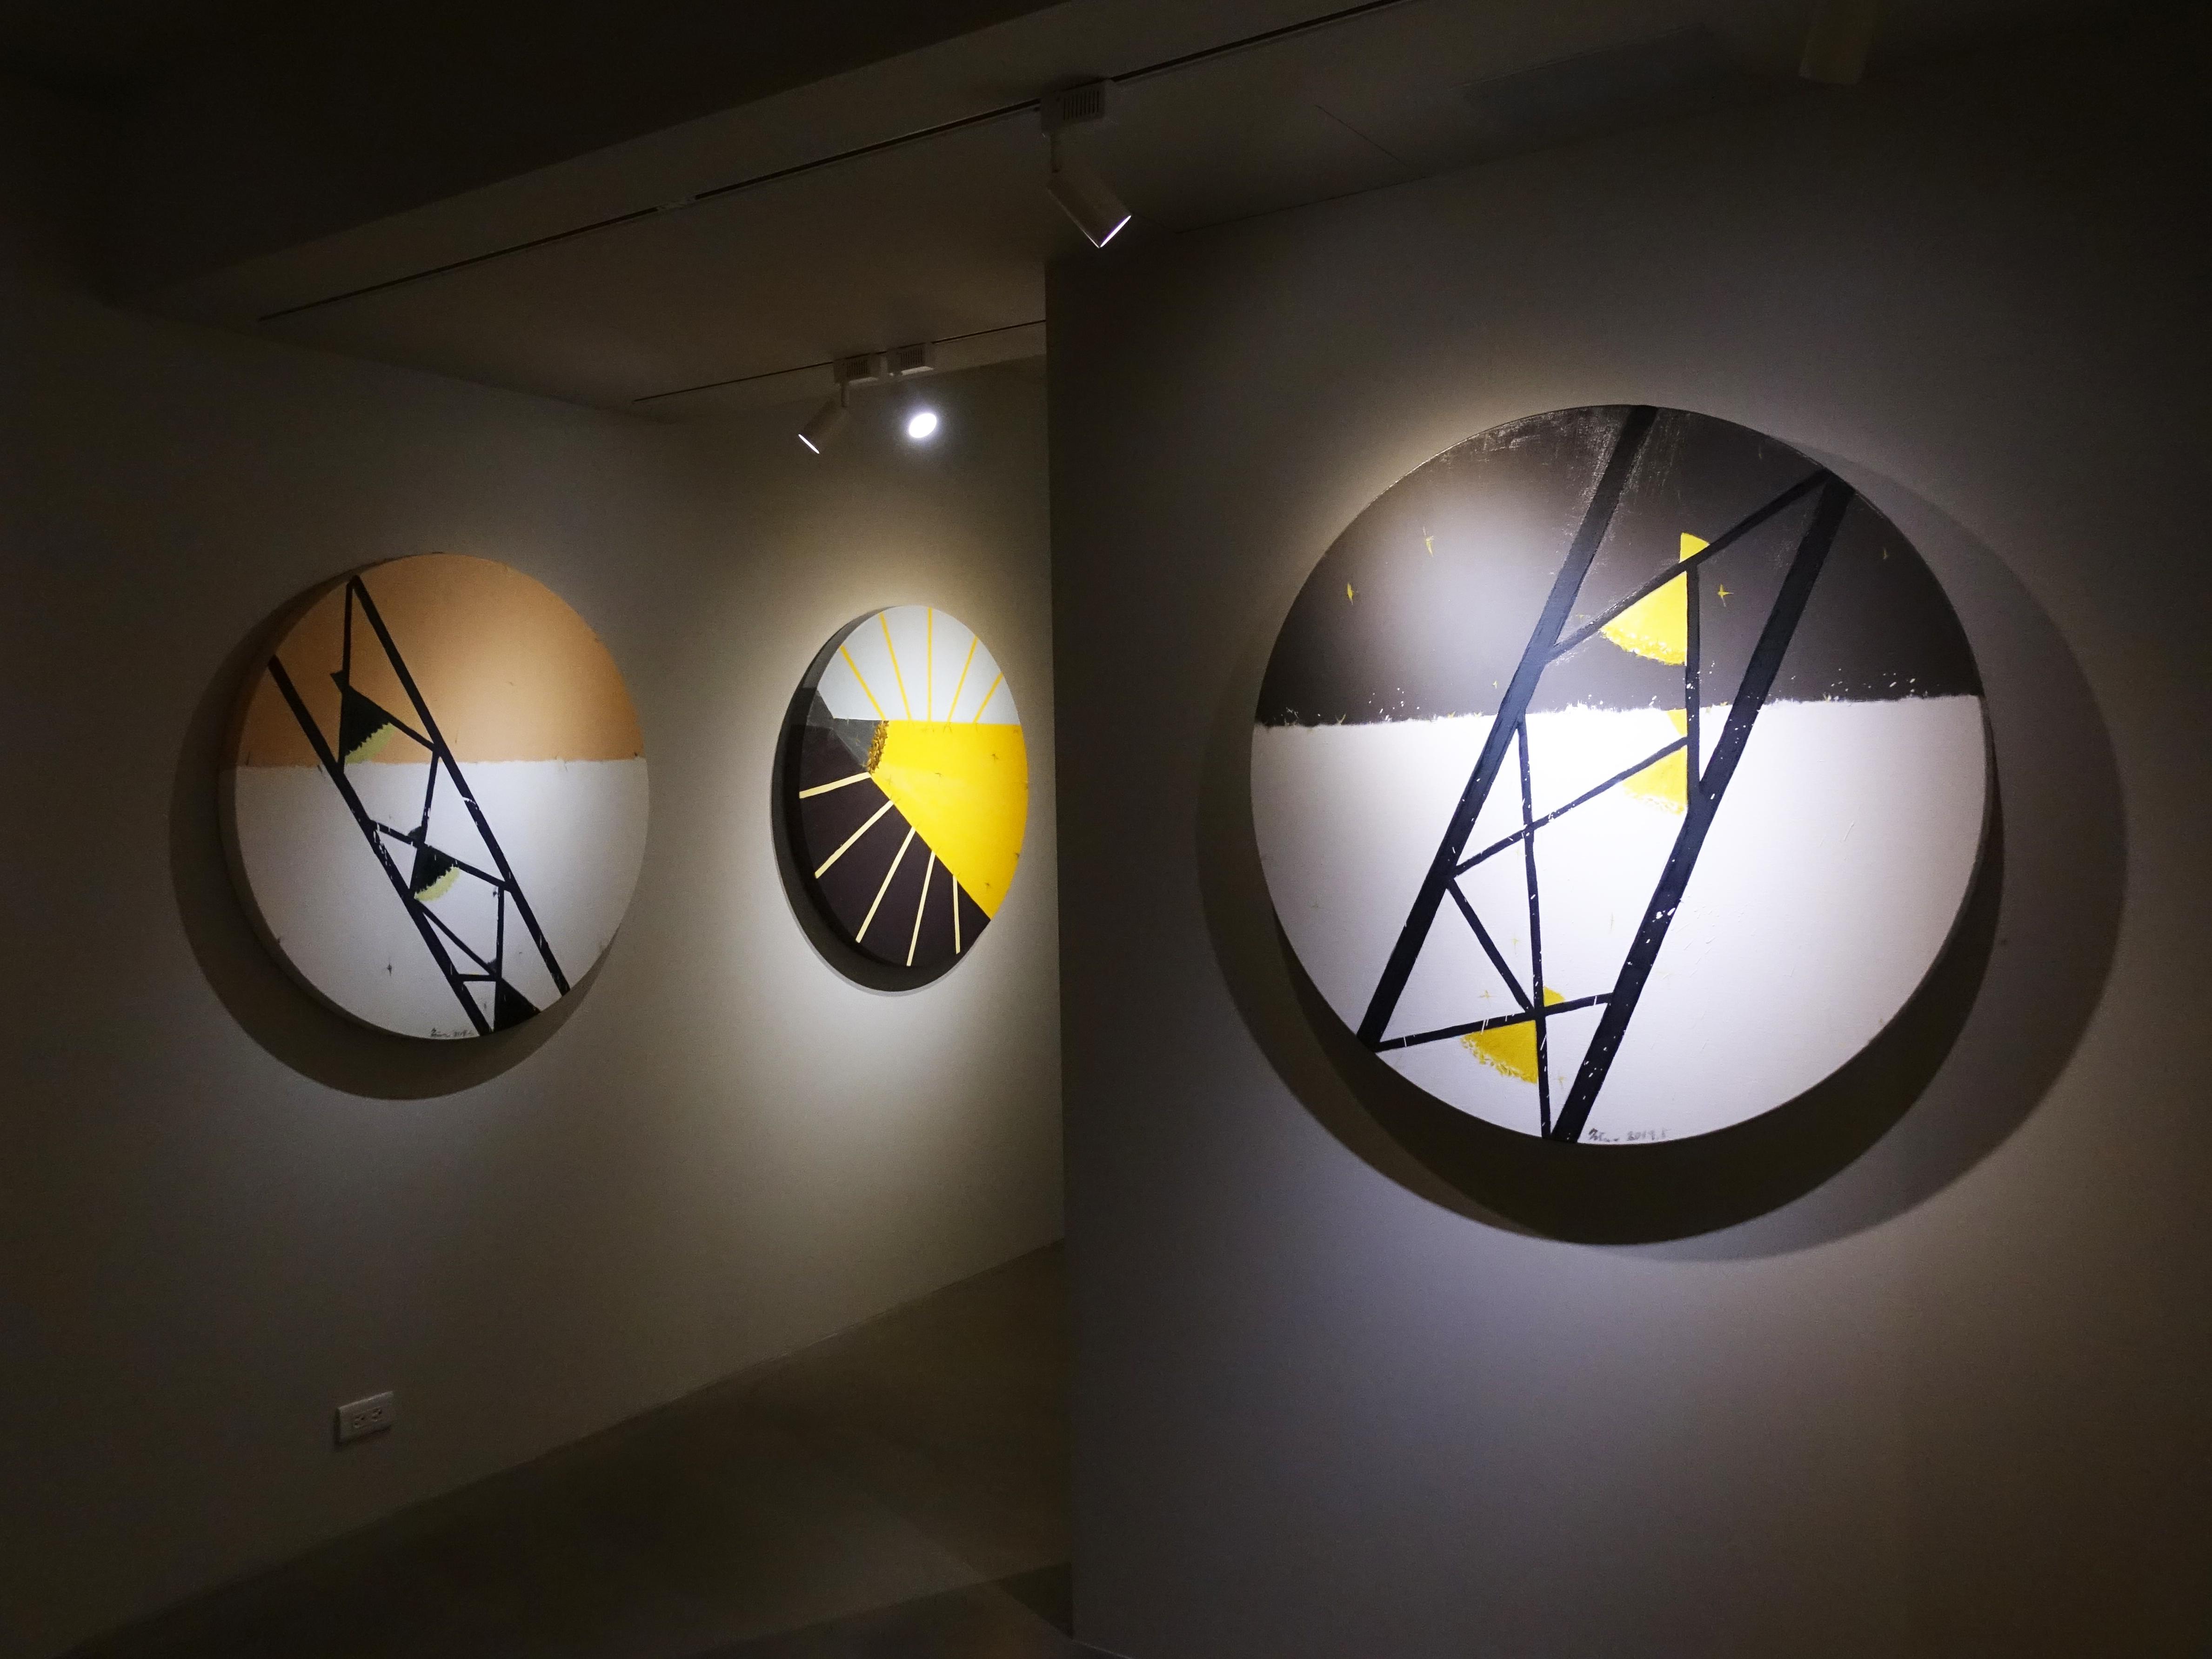 有璽藝術空間展出藝術家劉永仁「時空的呼吸 」2019作品展。